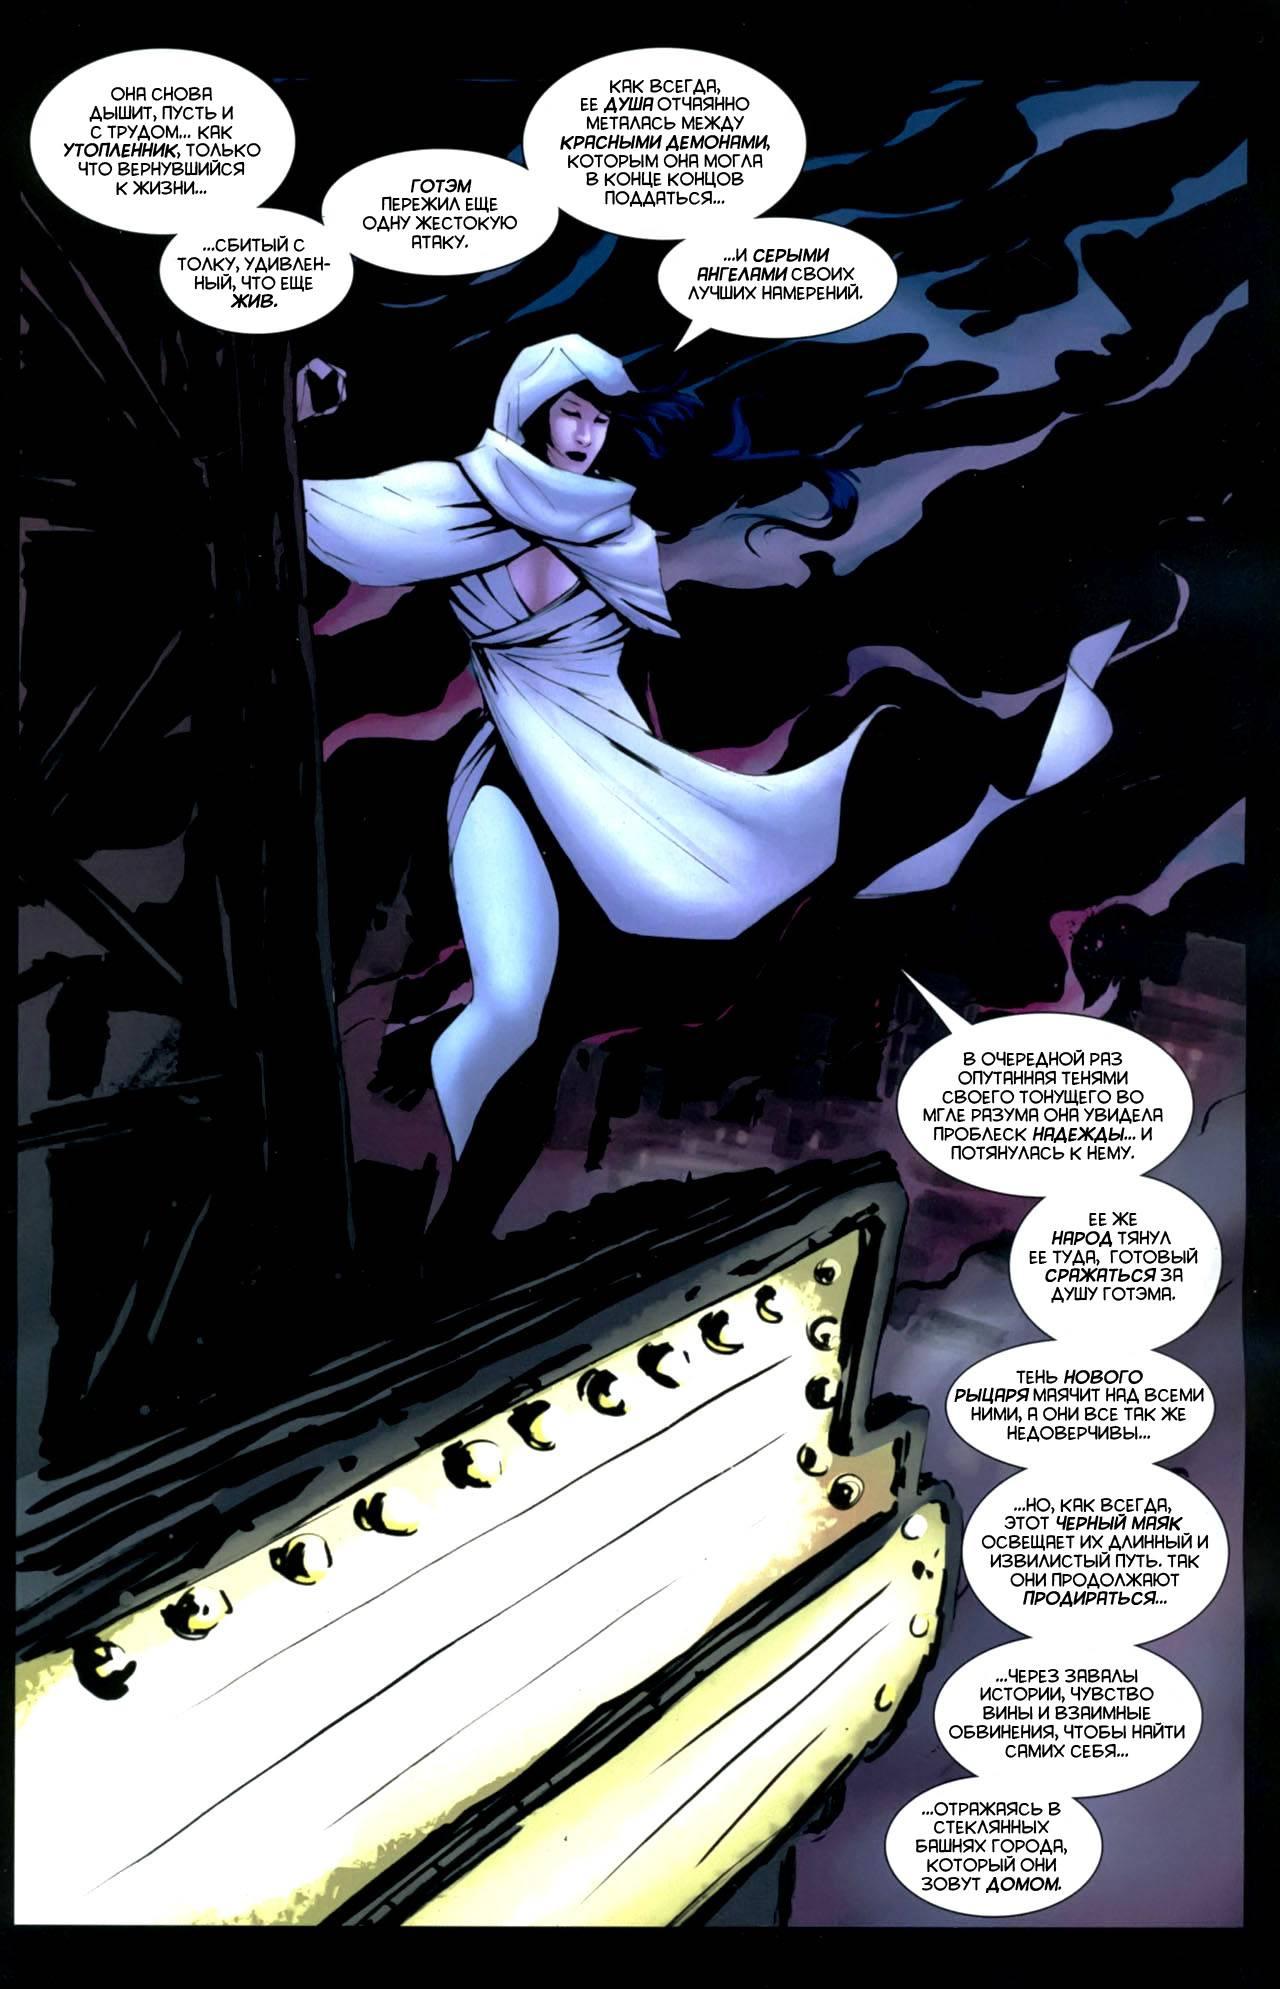 Битва за Плащ: Газета Готэма - Бэтмен Жив? онлайн